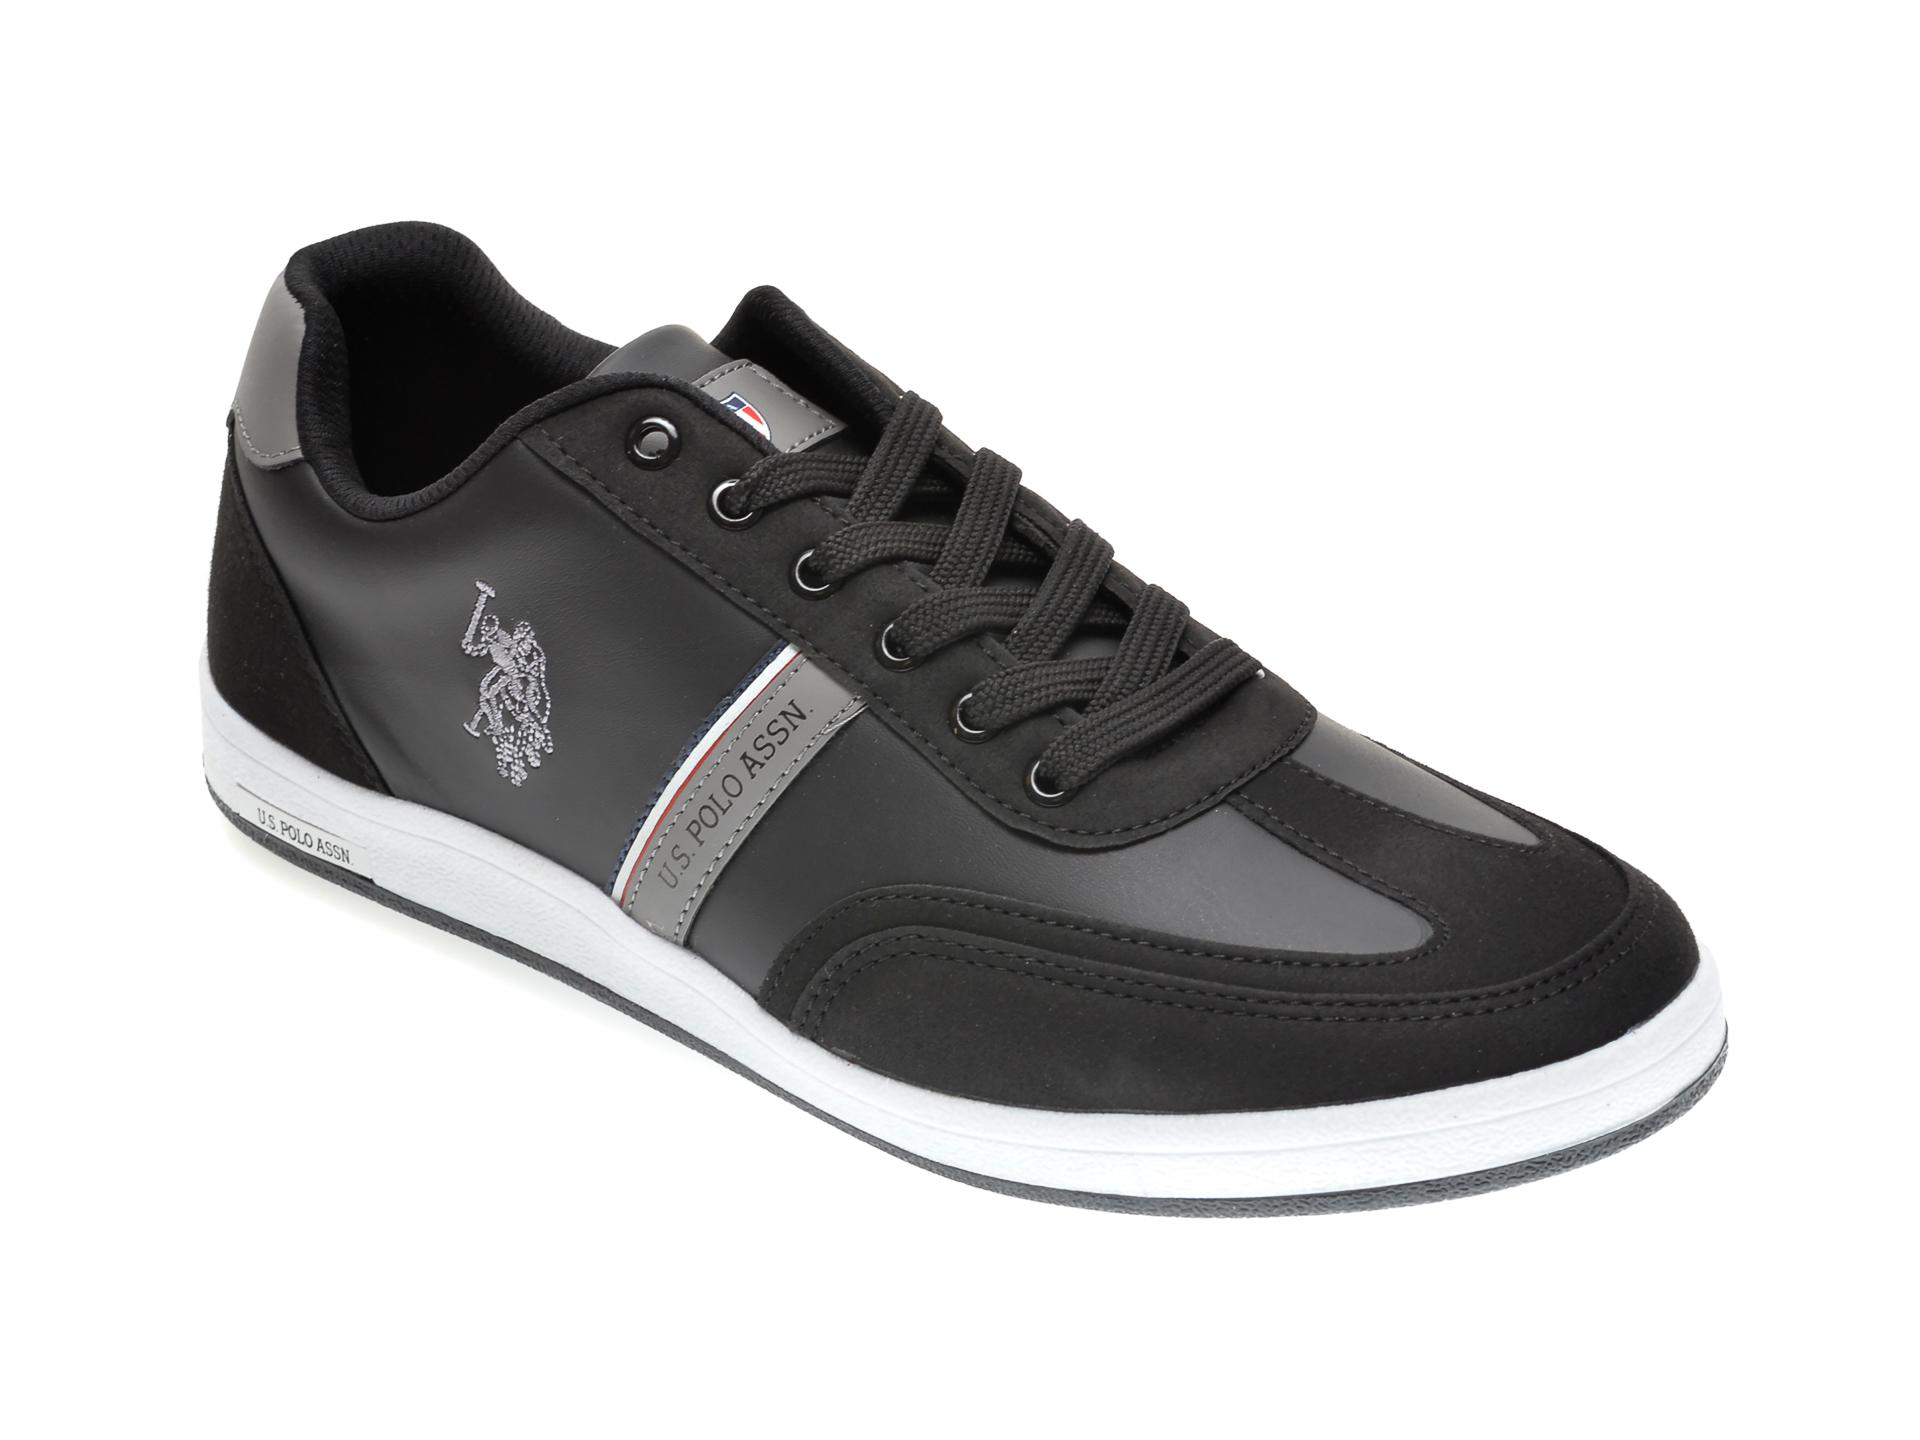 Pantofi sport US POLO ASSN negri, 417978, din piele ecologica imagine